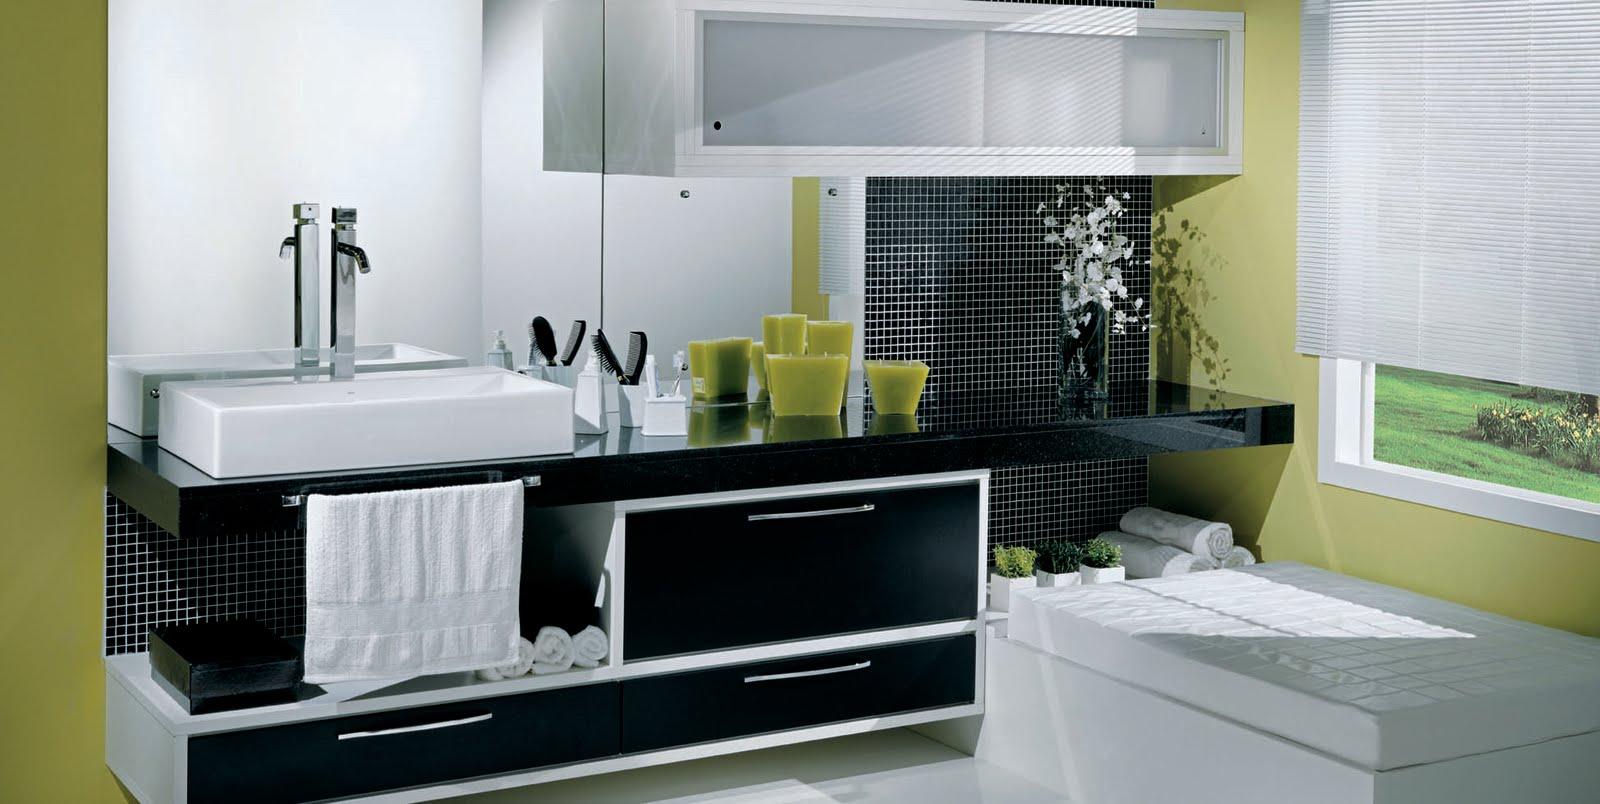 #7D7D3C bloco de vidro para banheiro azulejo para banheiro banheiro grande 1600x804 px Banheiro Pequeno Com Azulejo Grande 2409